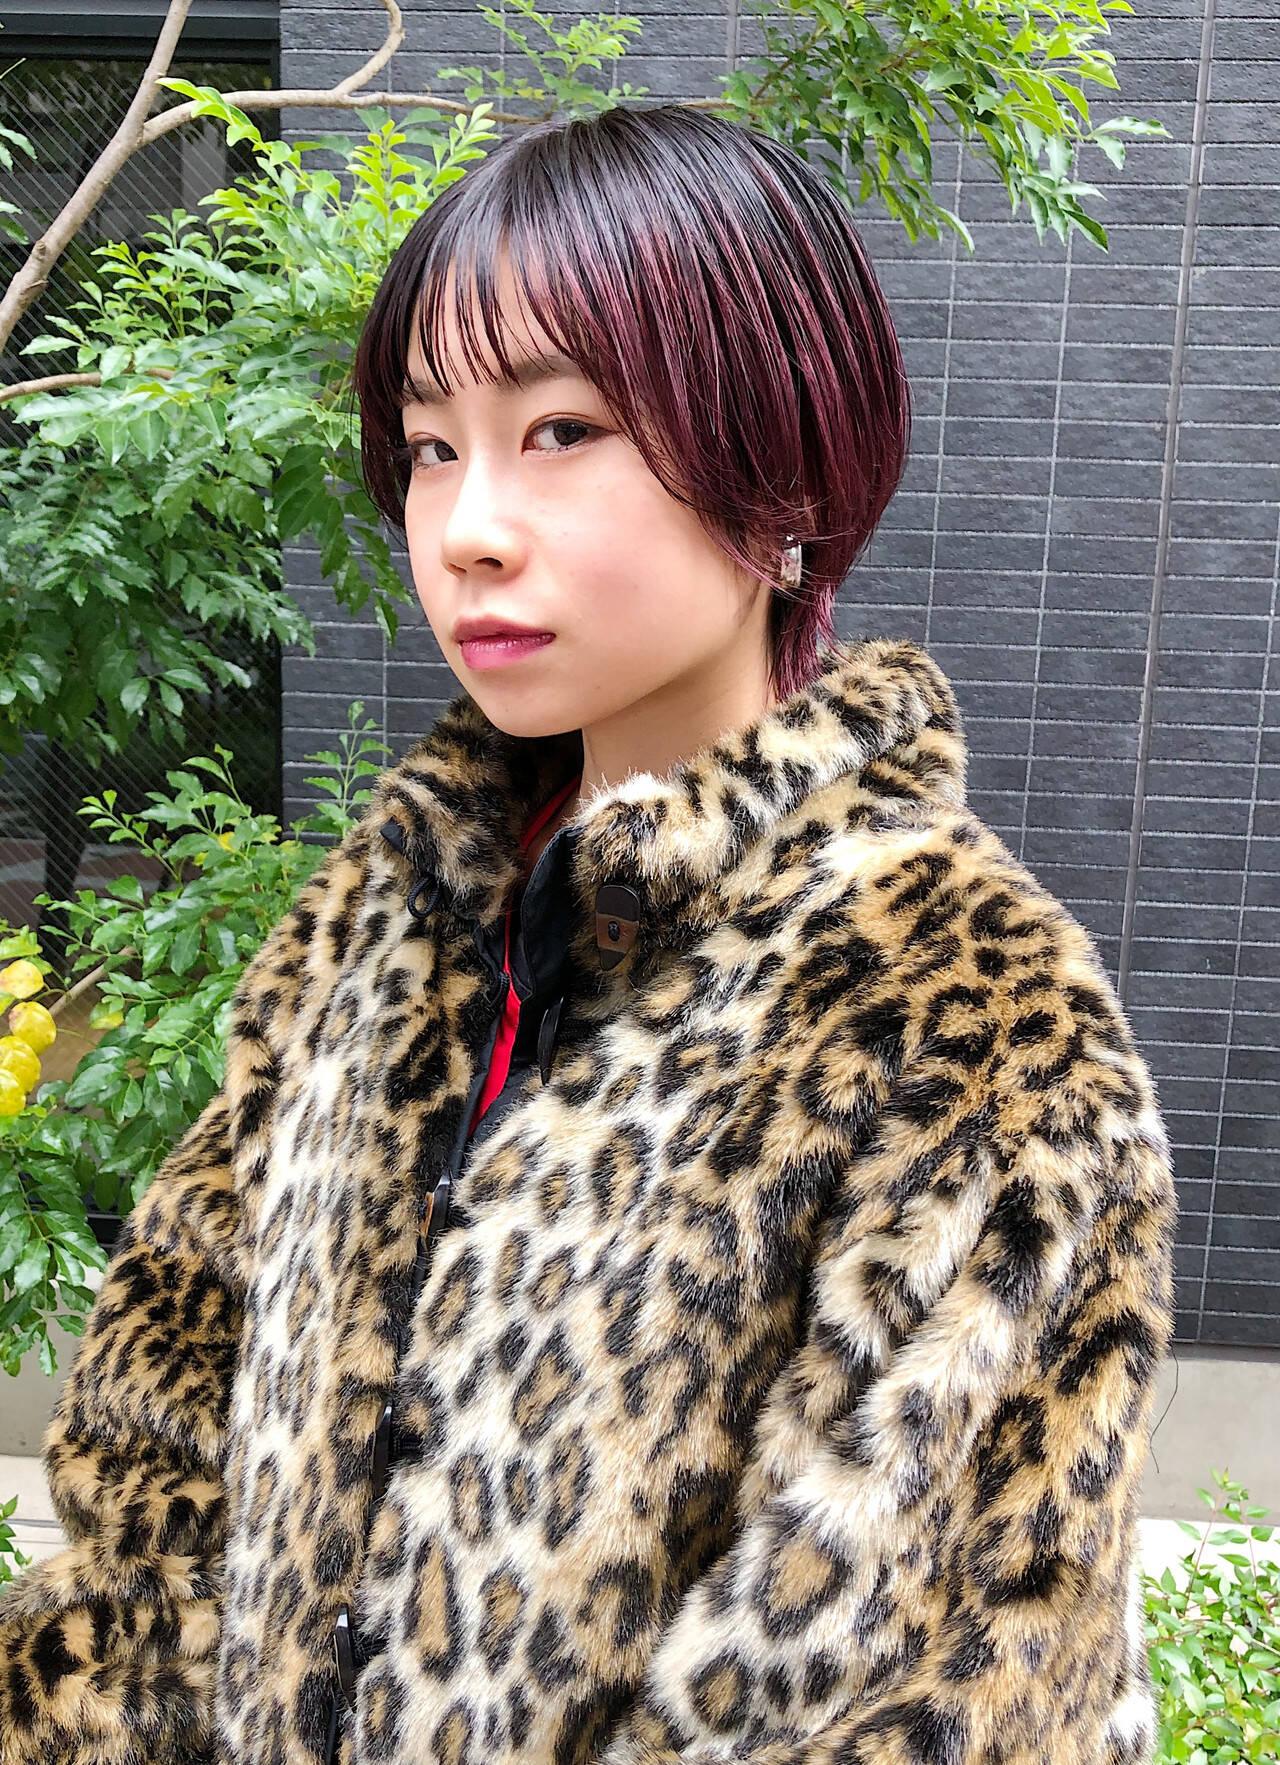 小顔ショート グラデーションカラー ハイトーンカラー モードヘアスタイルや髪型の写真・画像